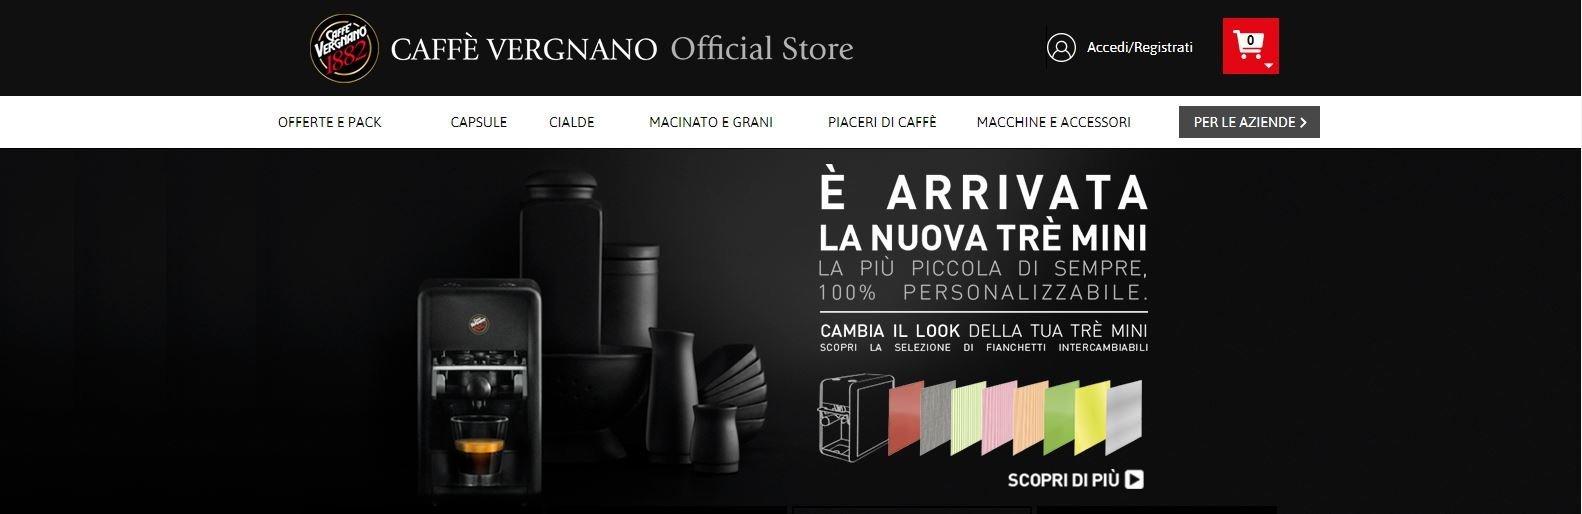 Caffè Vergnano copy